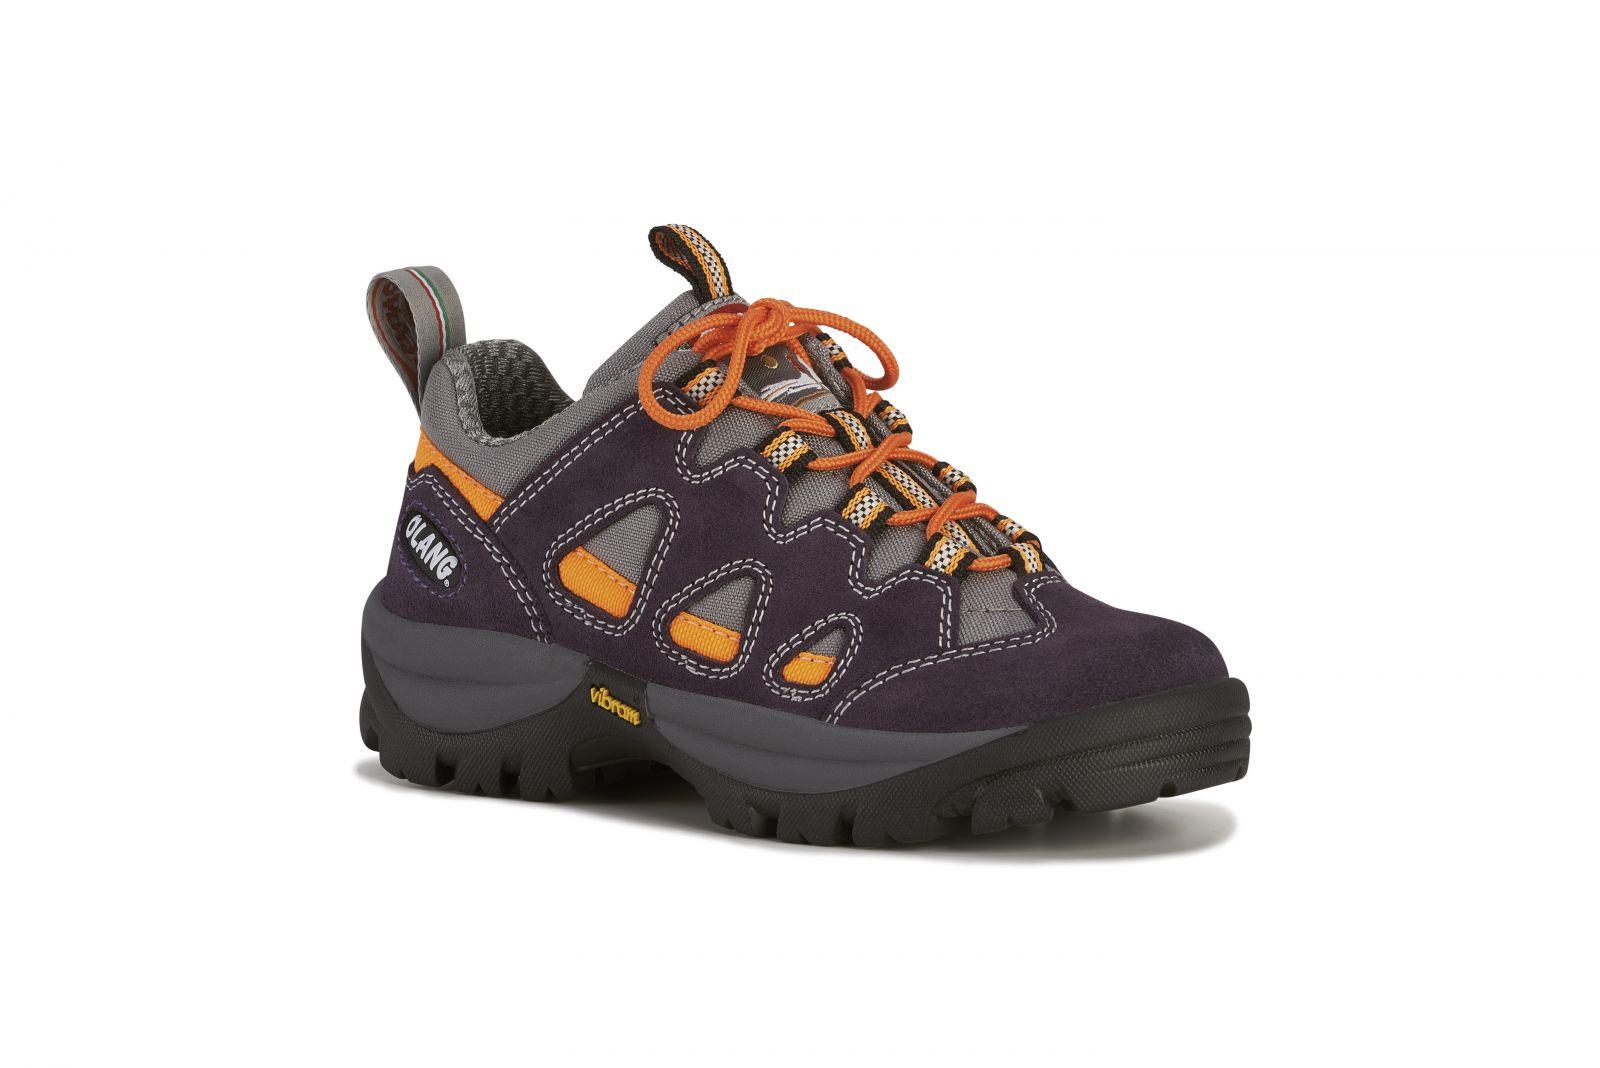 Outdoorix - Olang Corvara Kid Viola dětská vzdušná treková bota